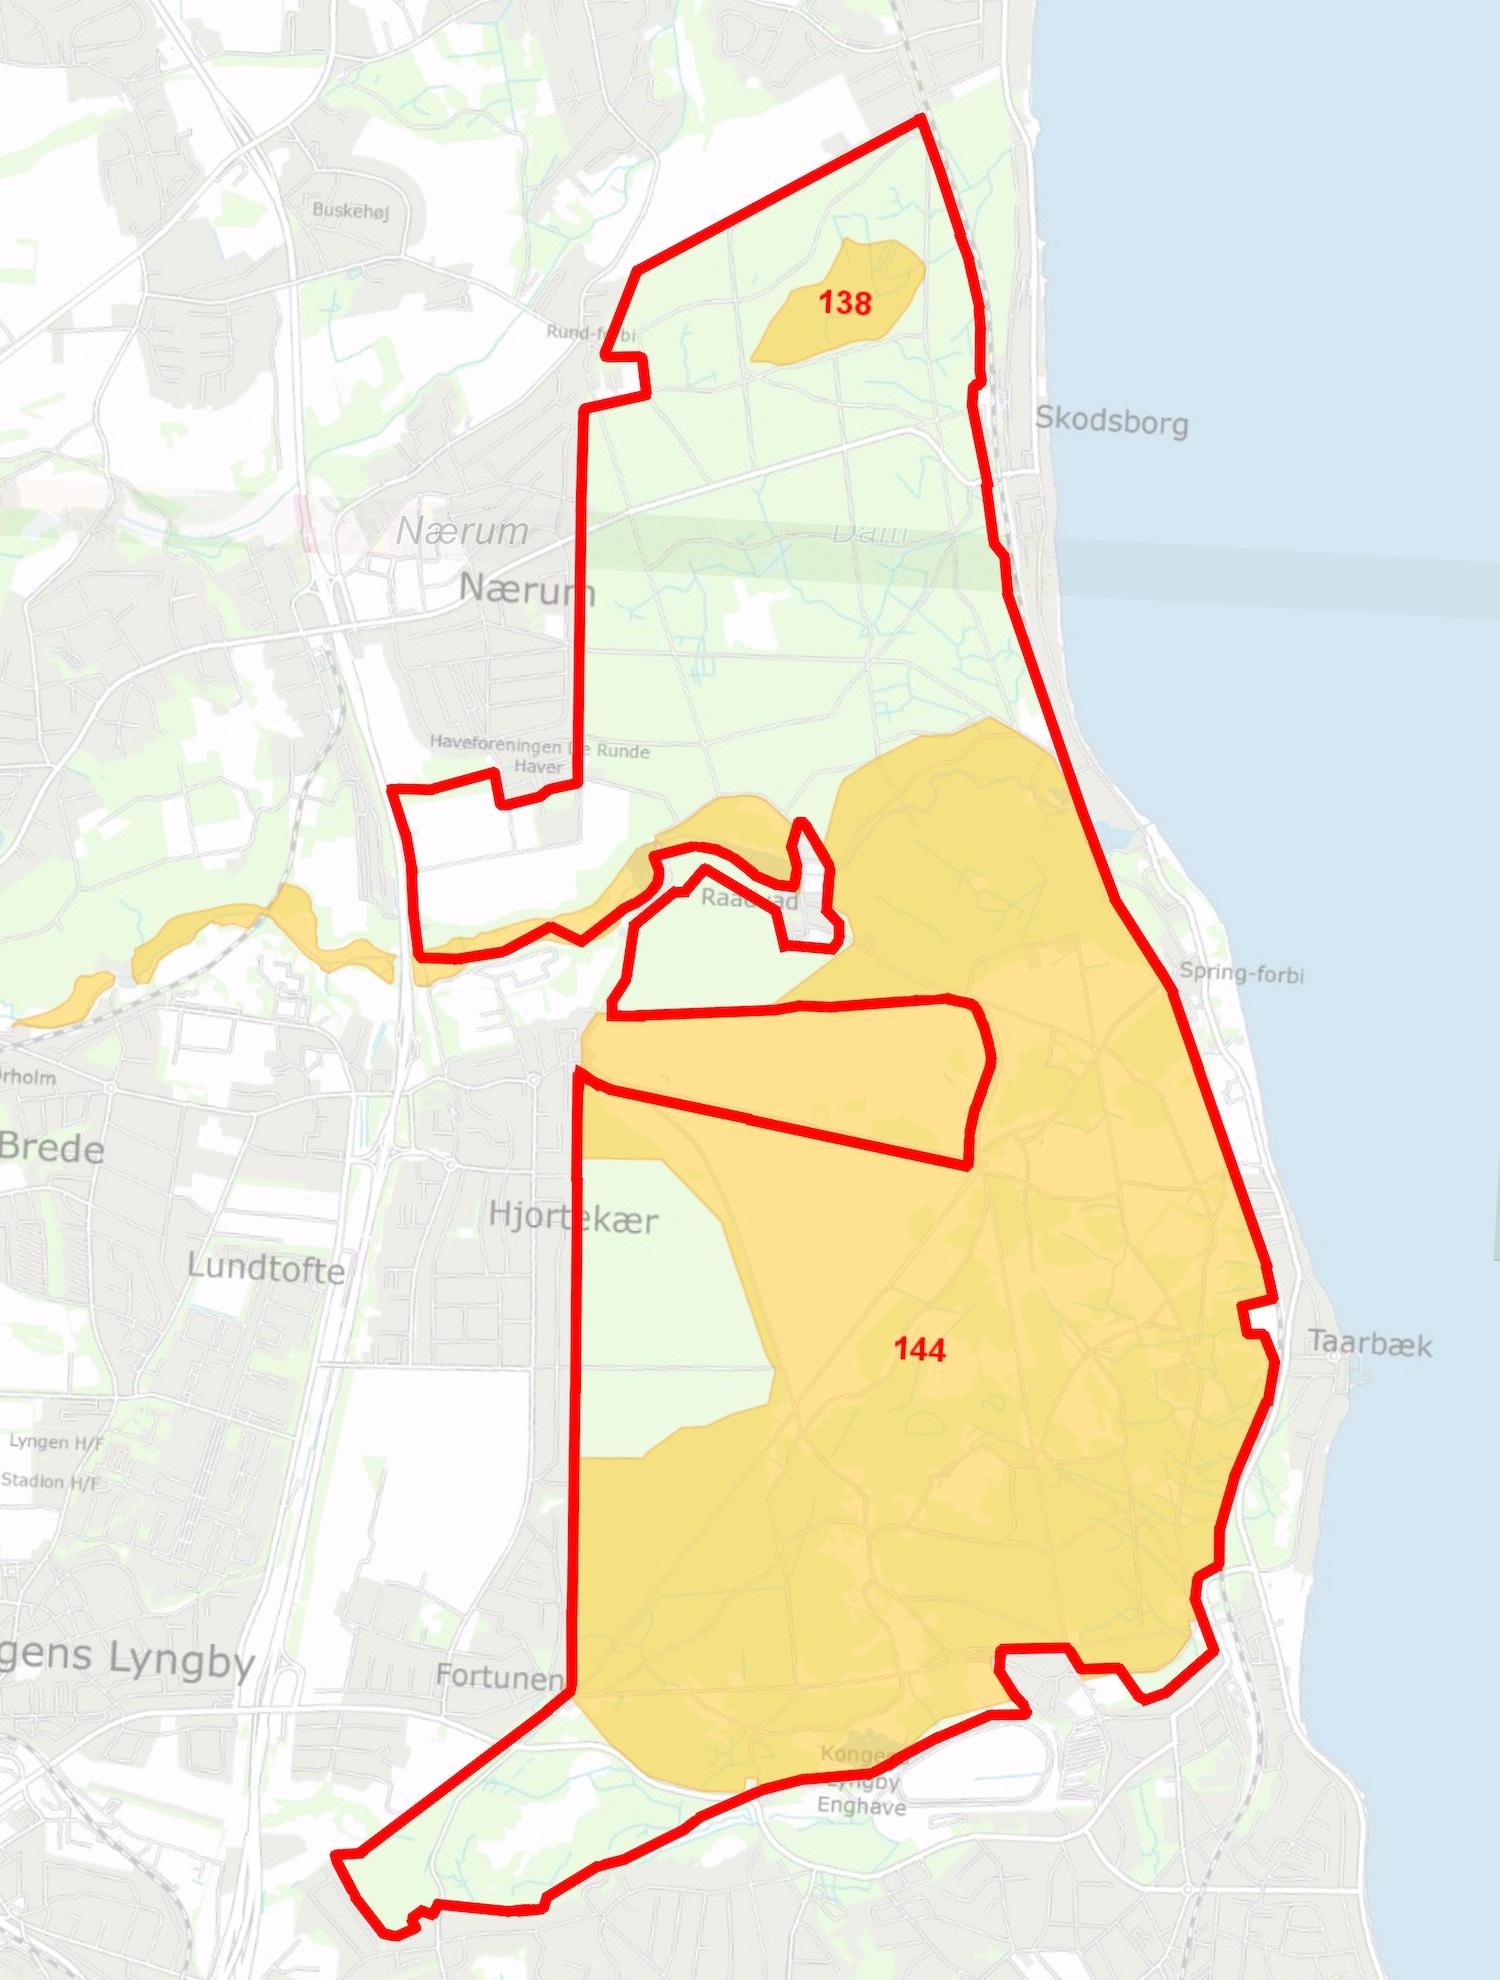 Den foreslåede afgrænsning overlapper Natura 2000-områder nr. 138 og 144